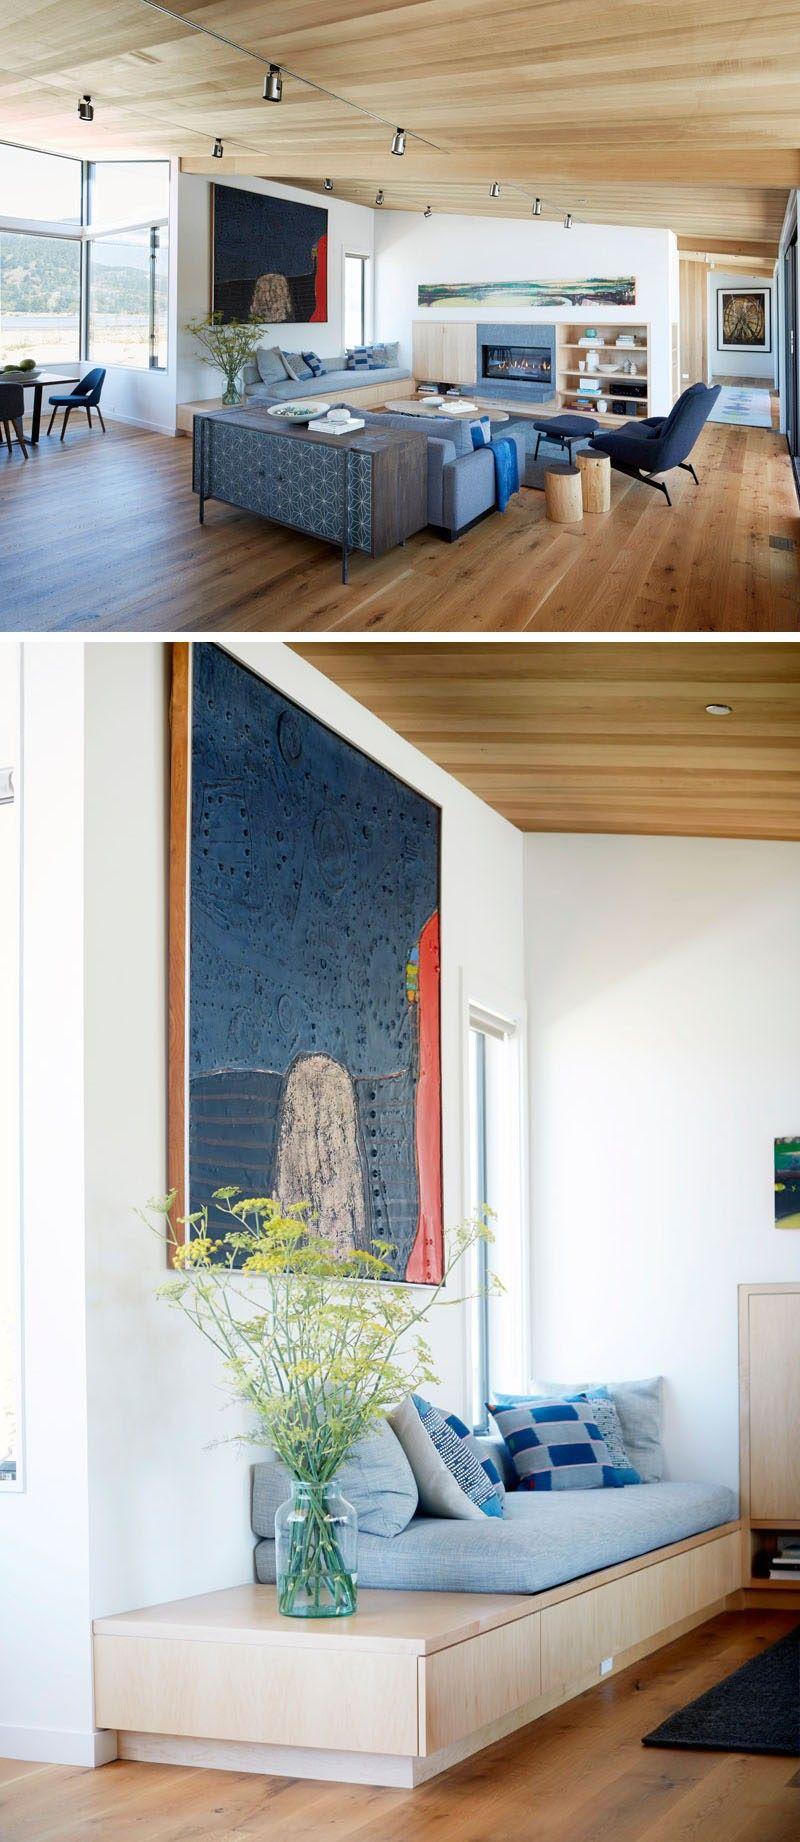 Innerhalb dieses moderne Haus breites Brett Eiche wird auf dem Boden ...